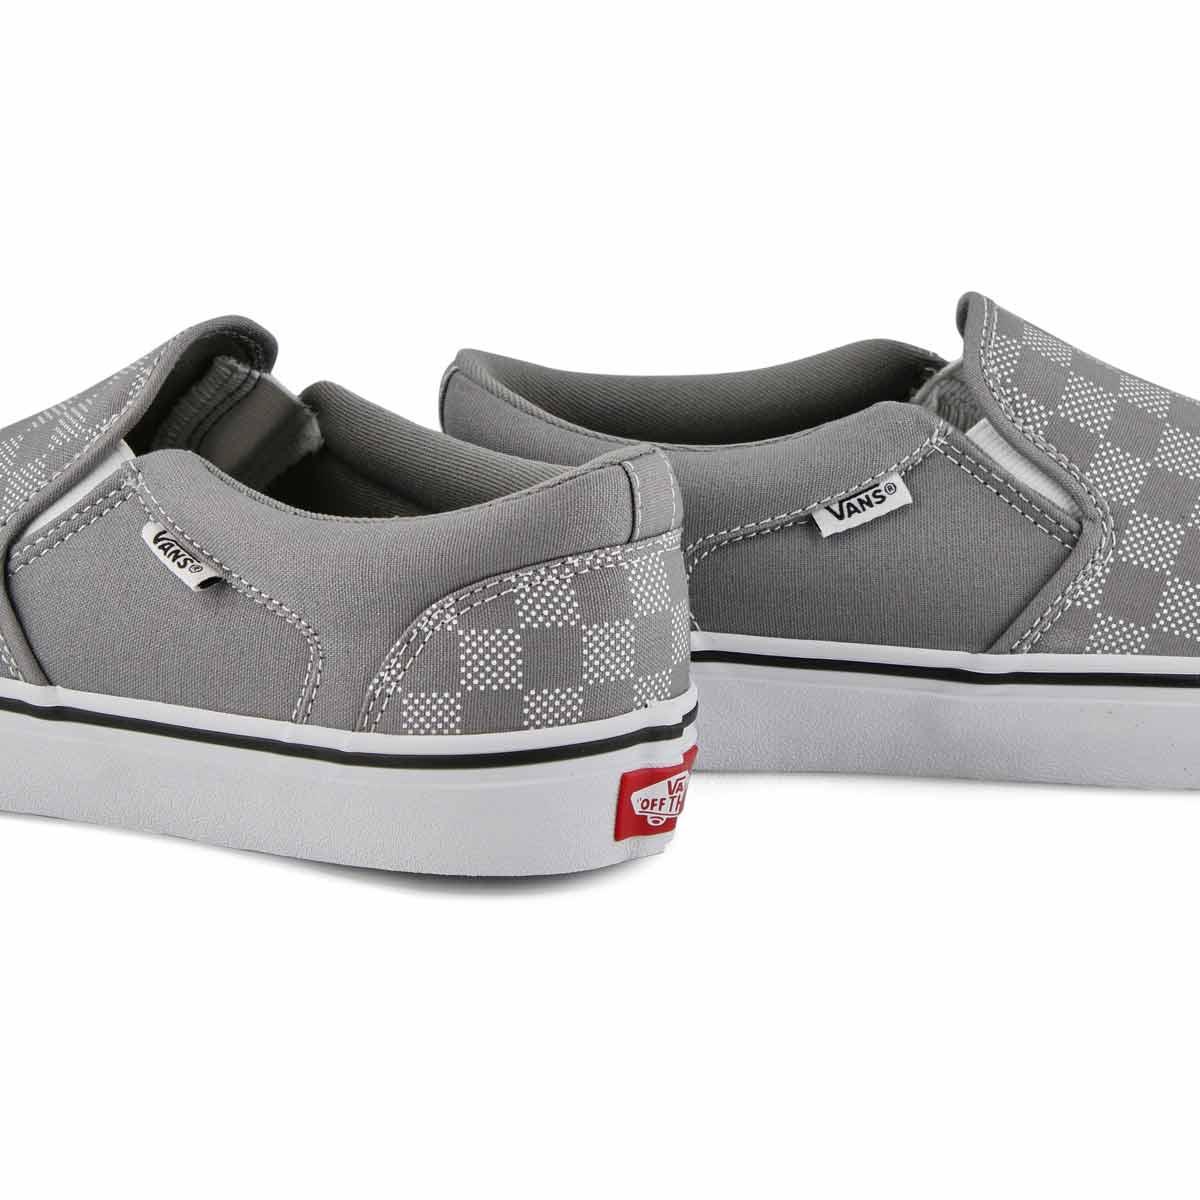 Men's ASHER Sneaker - Frost Gray/White